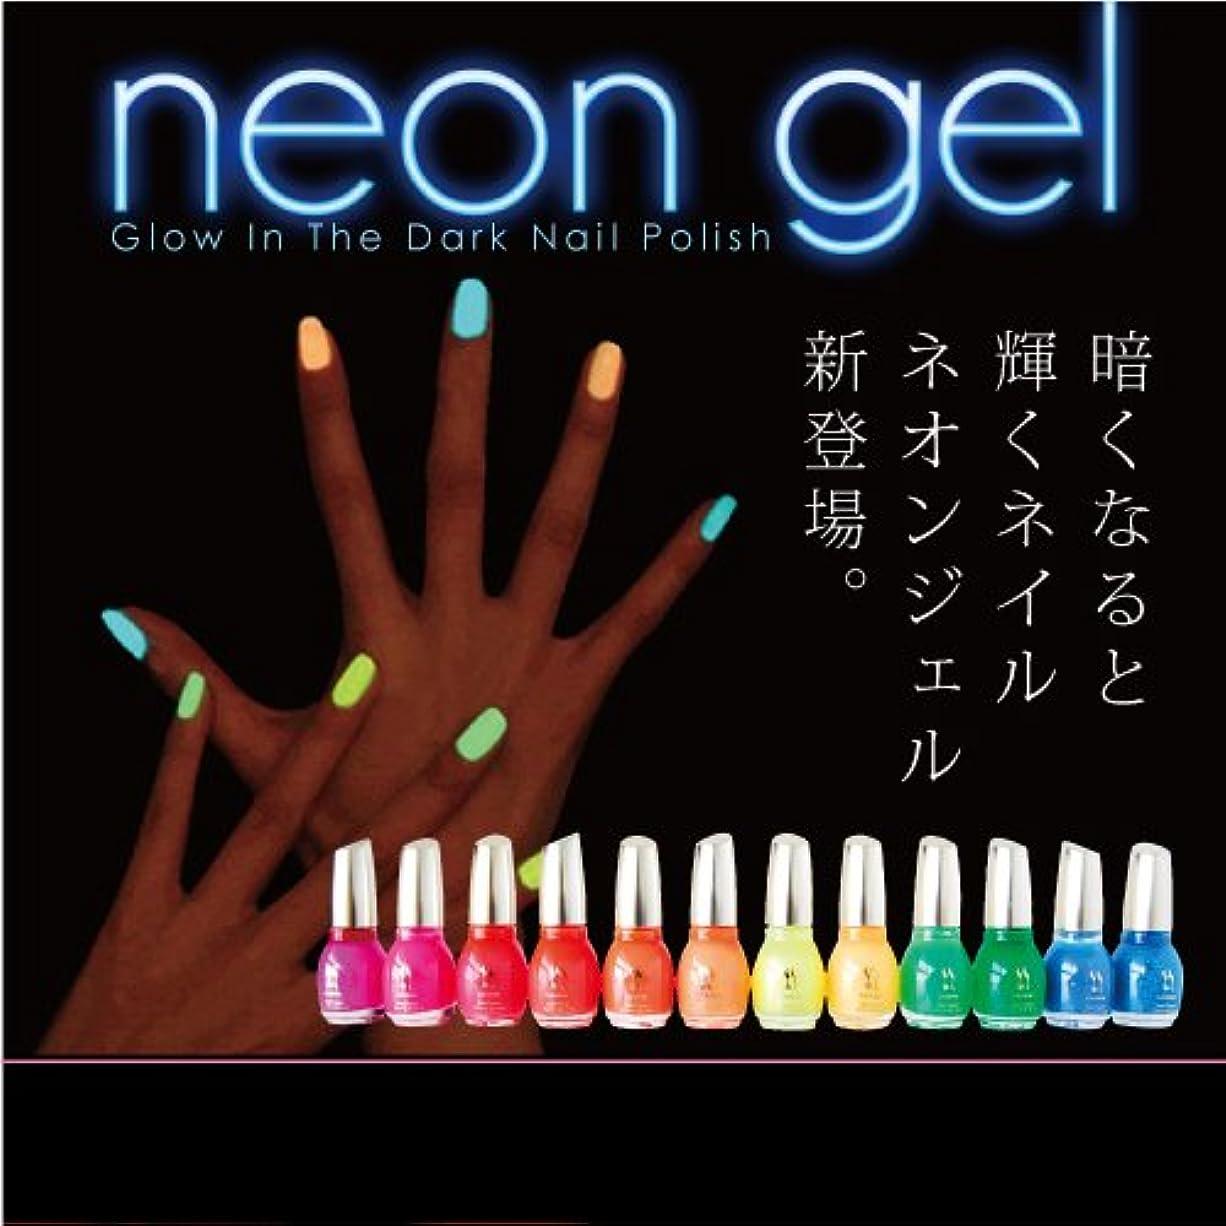 入札買い手モンキーNeon Gel -Glow In The Dark- 蛍光ネイルポリッシュ 15ml カラー:08 ディープグリーン [マニキュア ネイルカラー ジェルネイルカラー ネイルポリッシュ SHANTI]